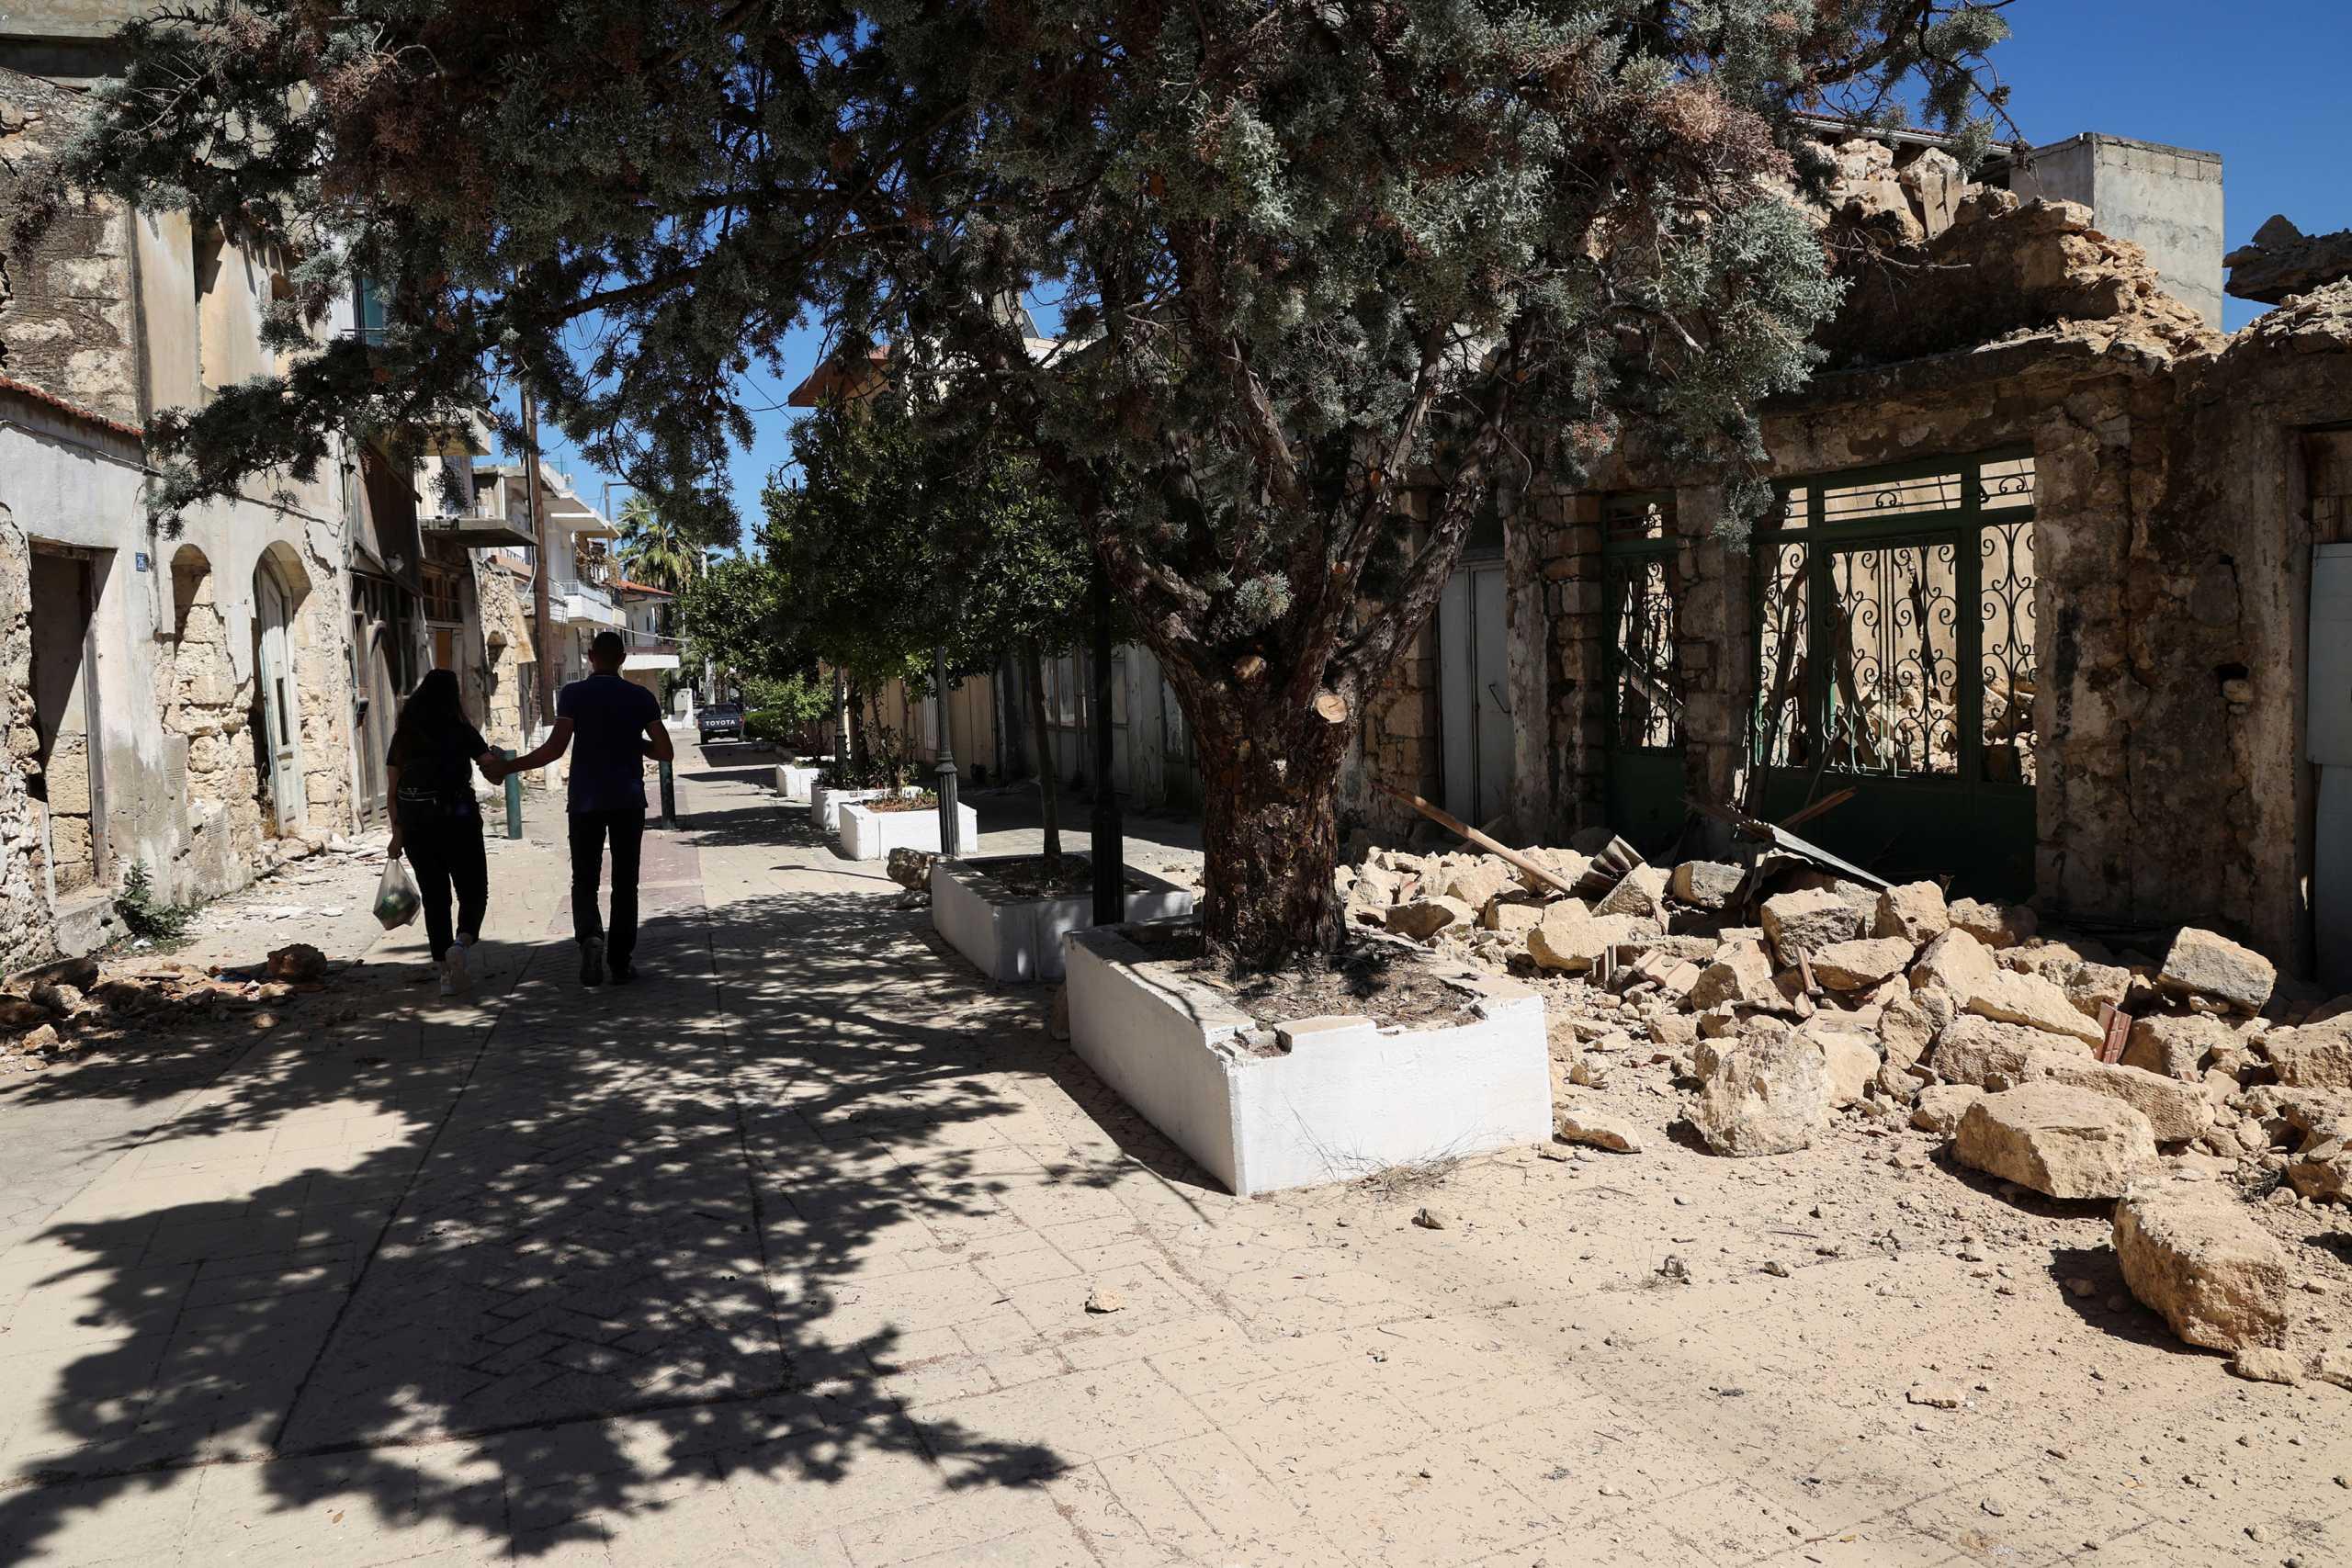 Σεισμός στην Κρήτη: Νέος ισχυρός μετασεισμός 5,3 Ρίχτερ